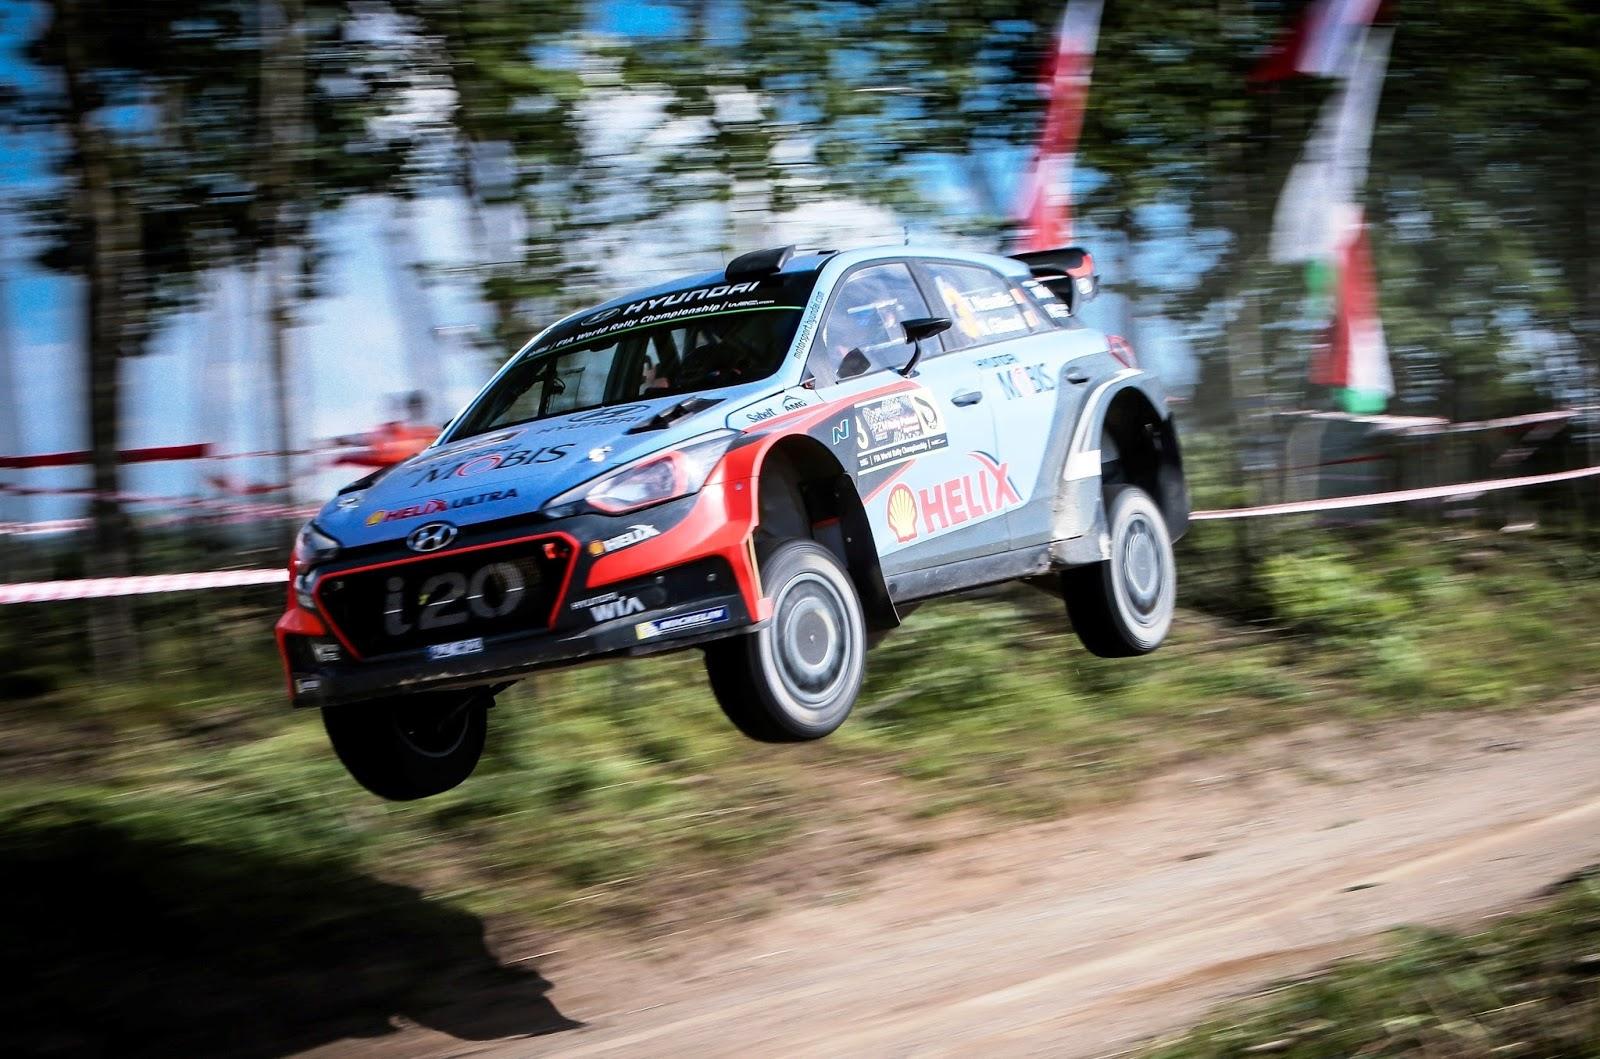 Rally Poland iii Η Hyundai ξανά στο βάθρο με το i20 WRC! Hyundai, Hyundai i20, Hyundai i20 WRC, WRC